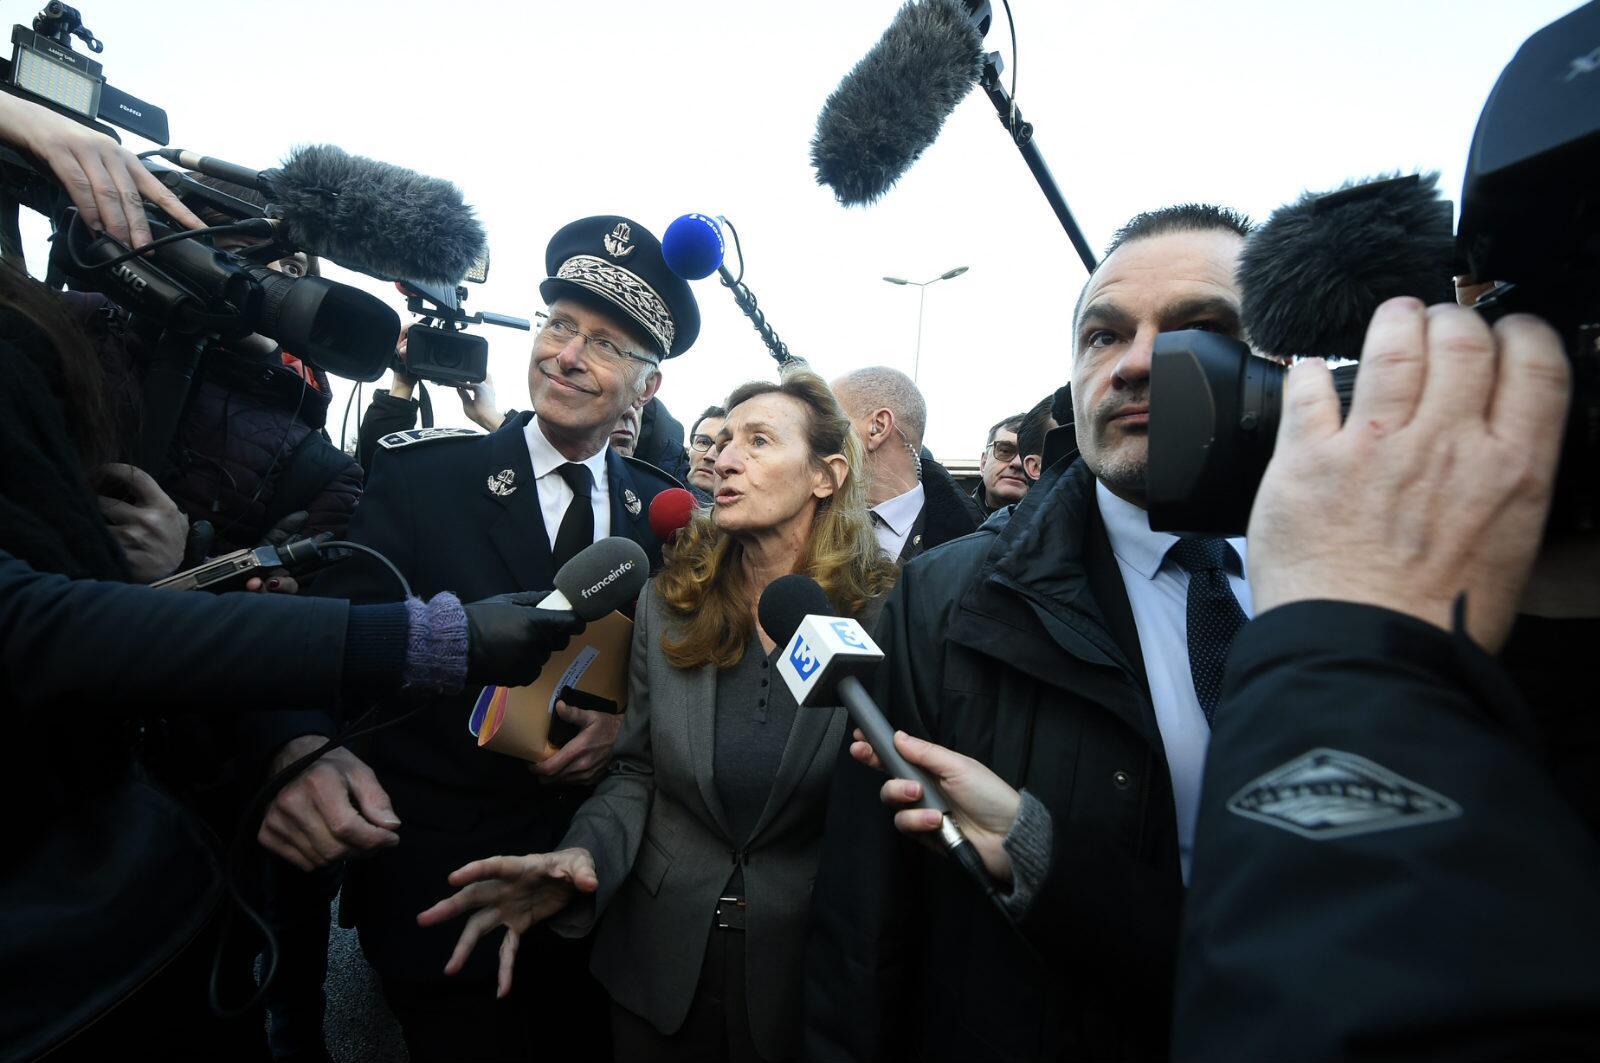 法国司法部长妮科尔?贝卢贝(图片来源:法新社)